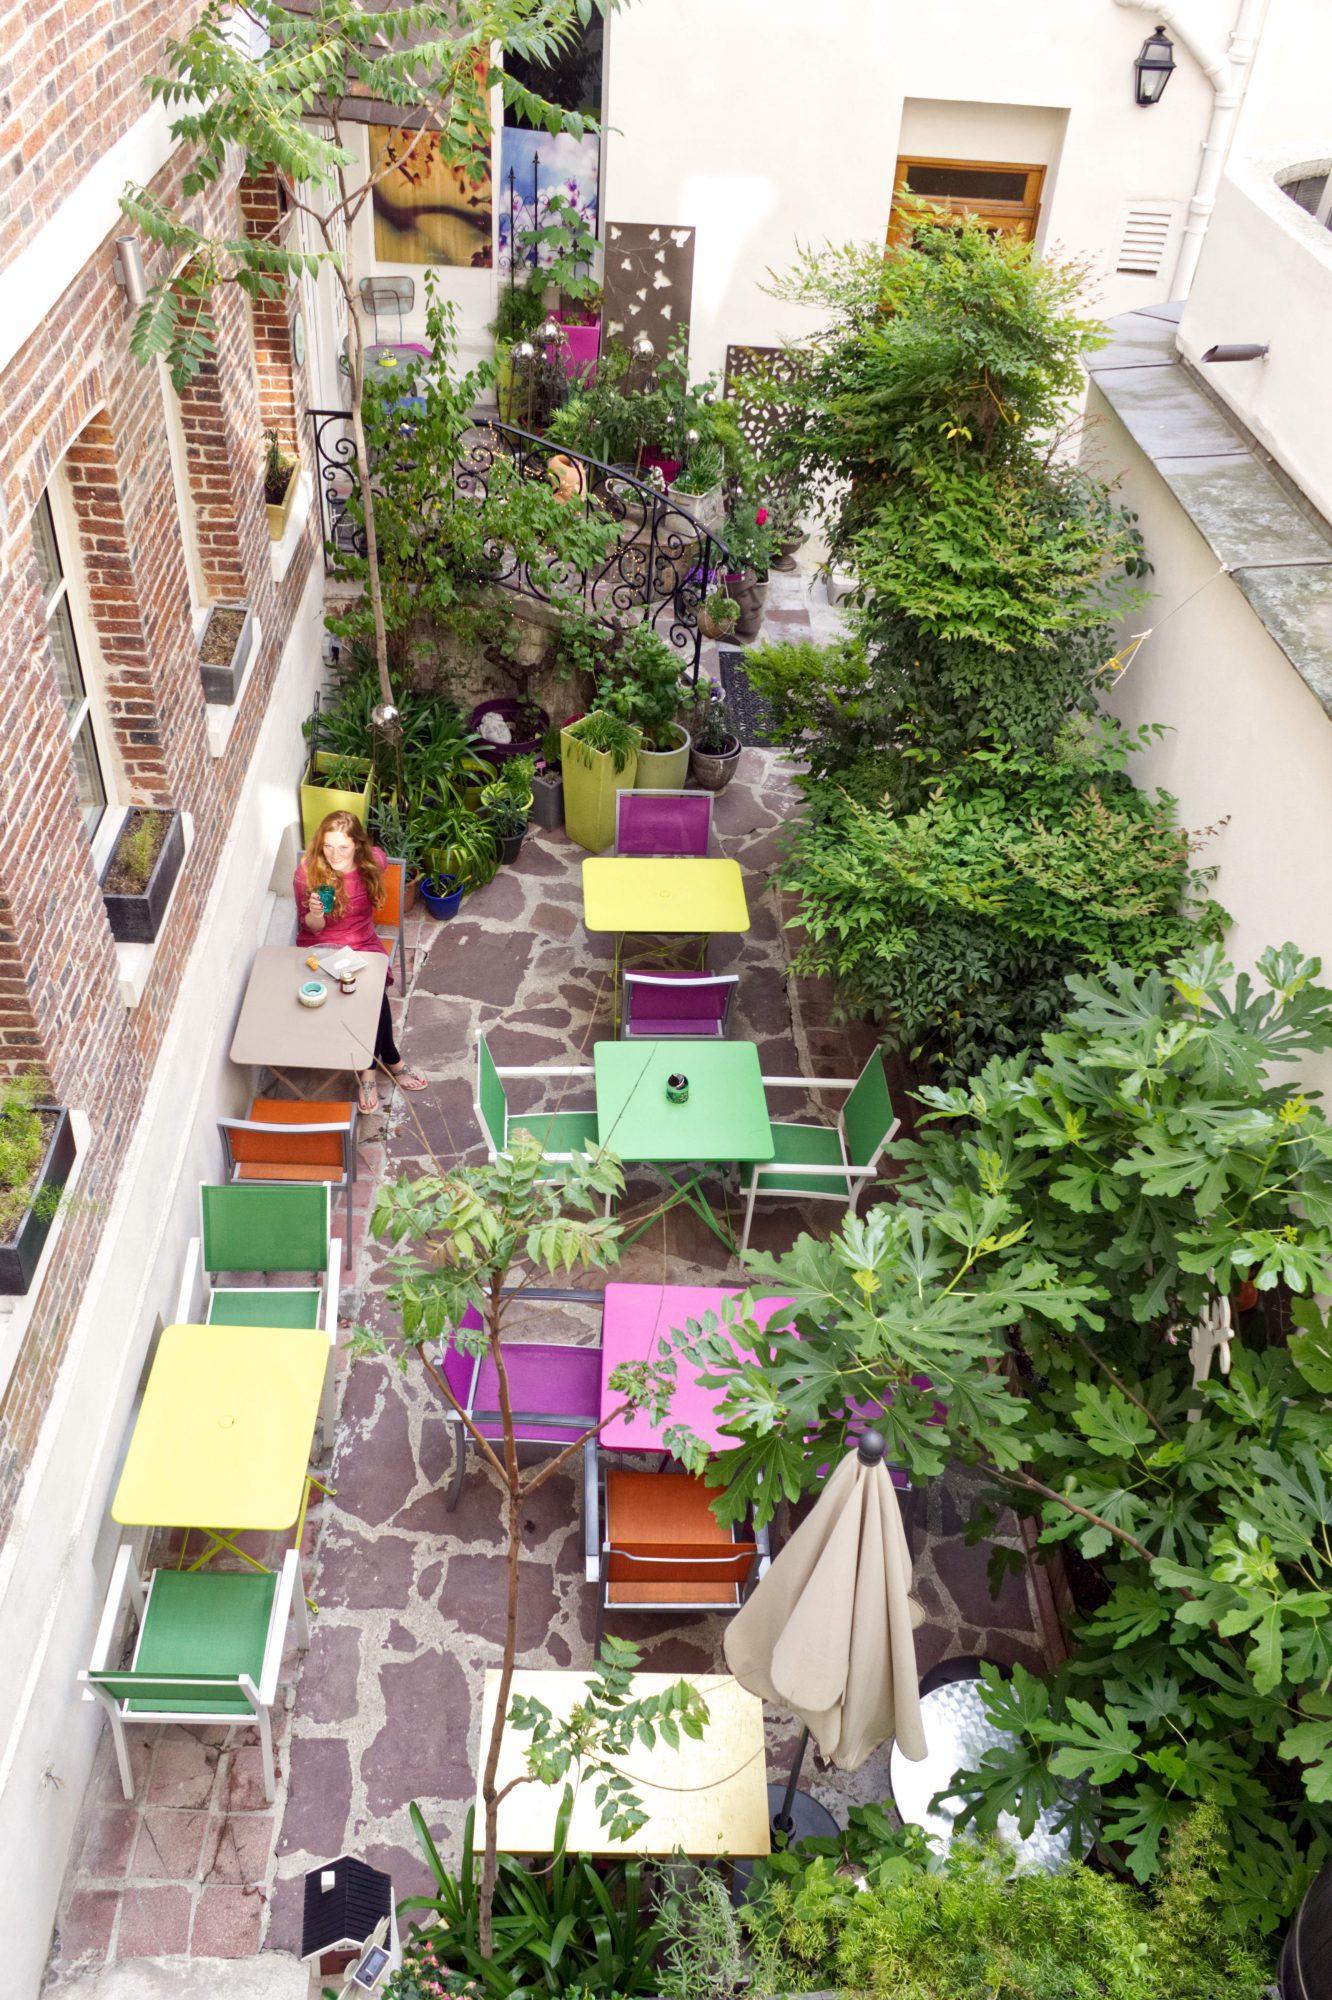 Hotel Le Pavillon Terrasse Und Krautergarten Rebeccas Welt